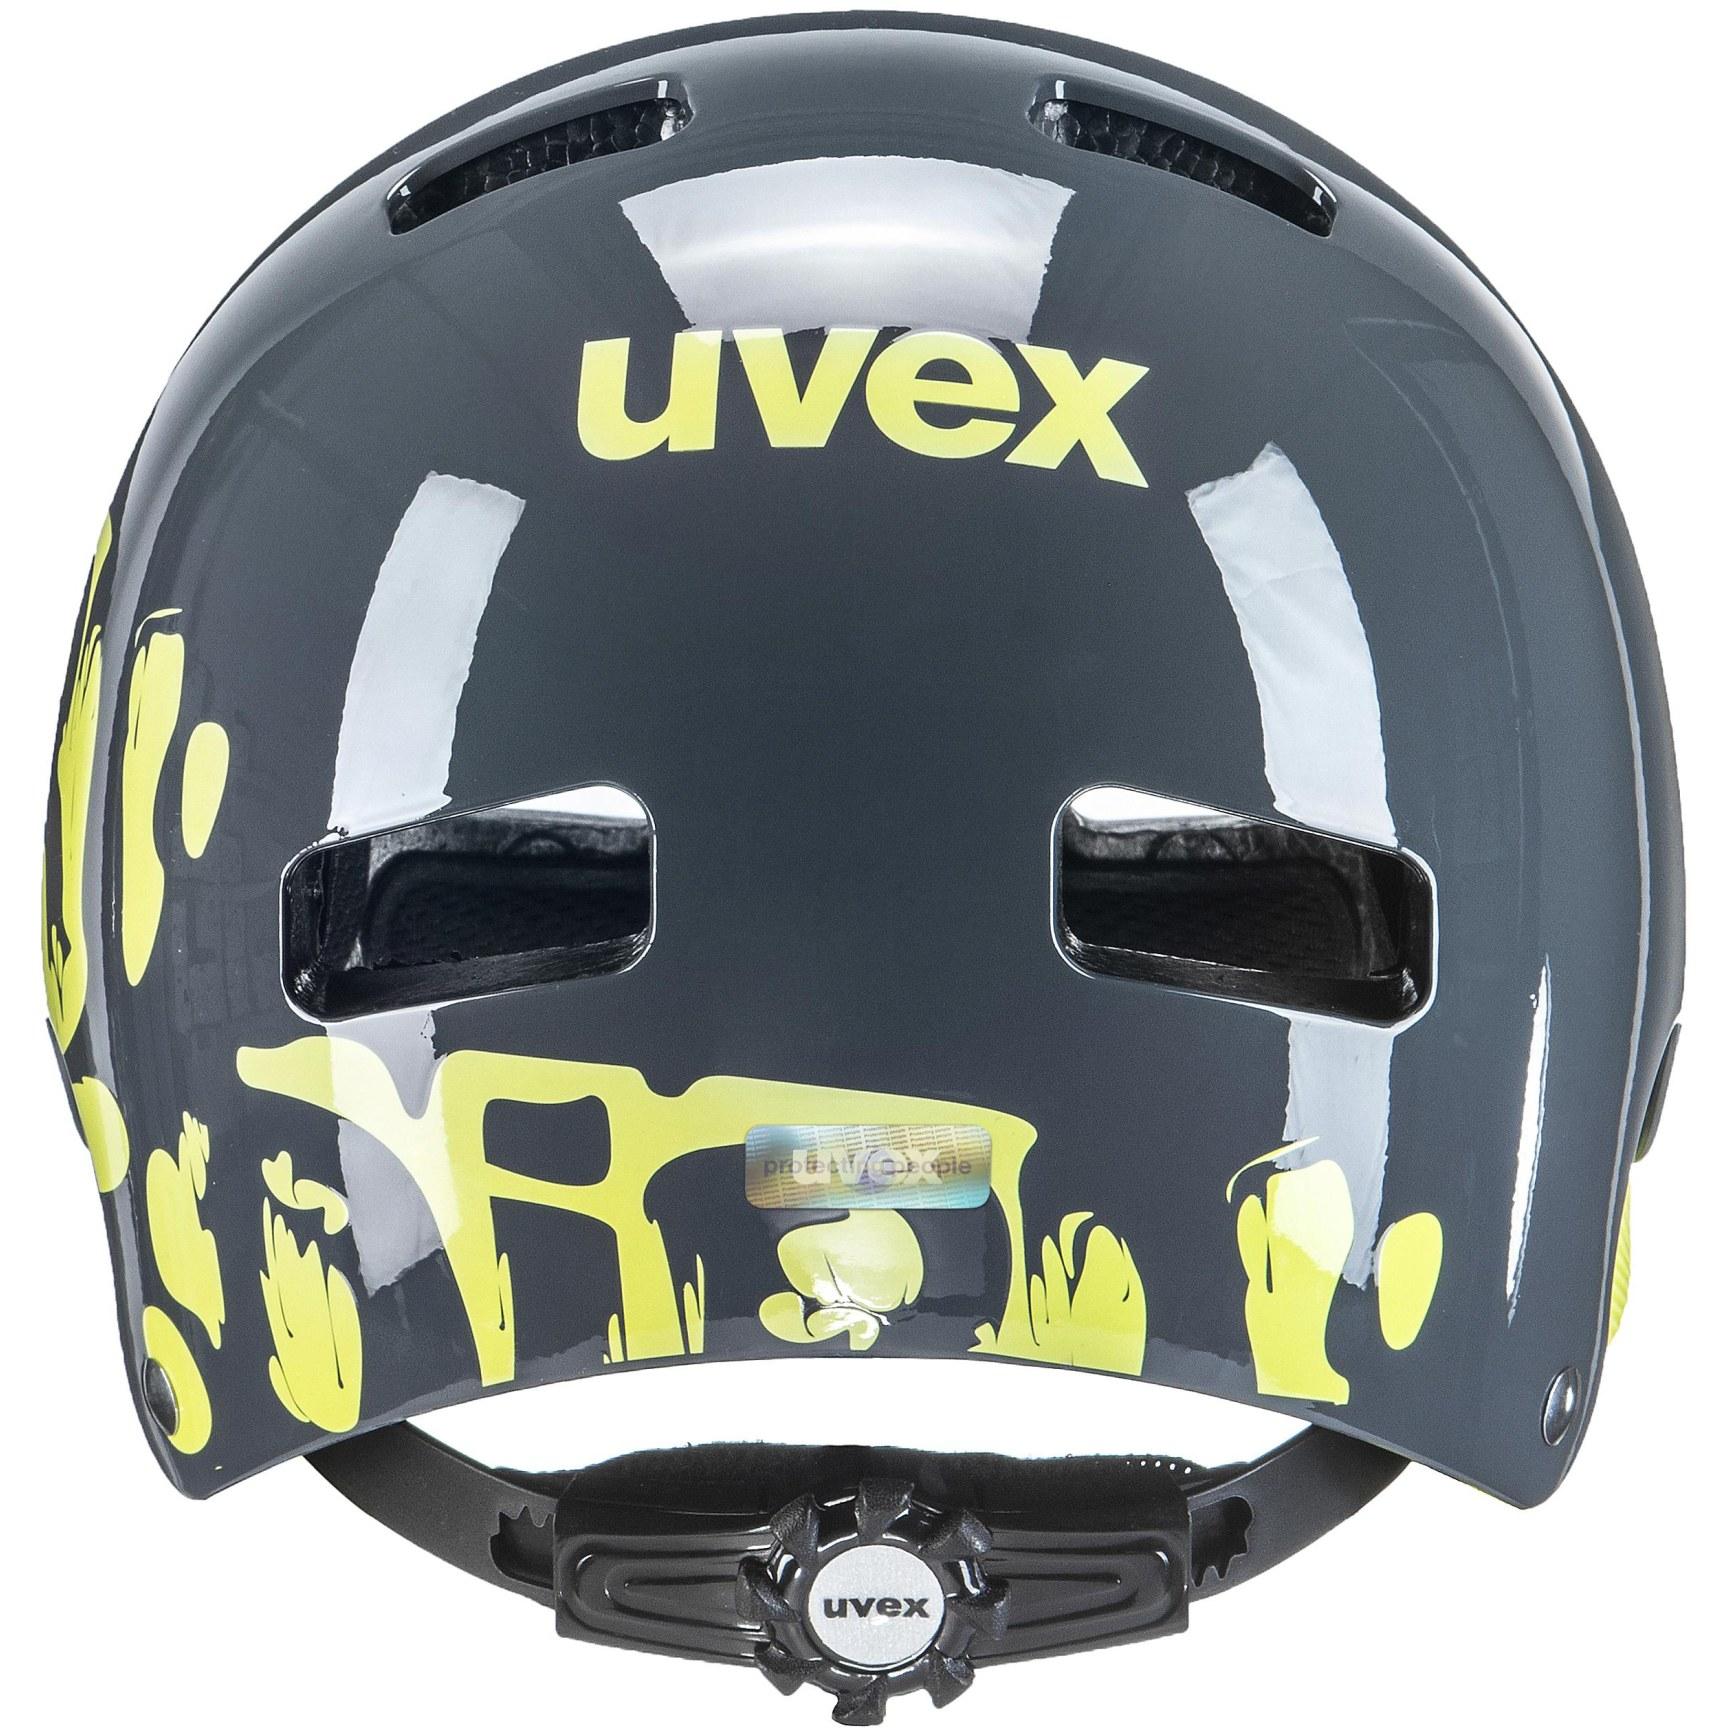 Bild von Uvex kid 3 Kinderhelm - dirtbike grey-lime